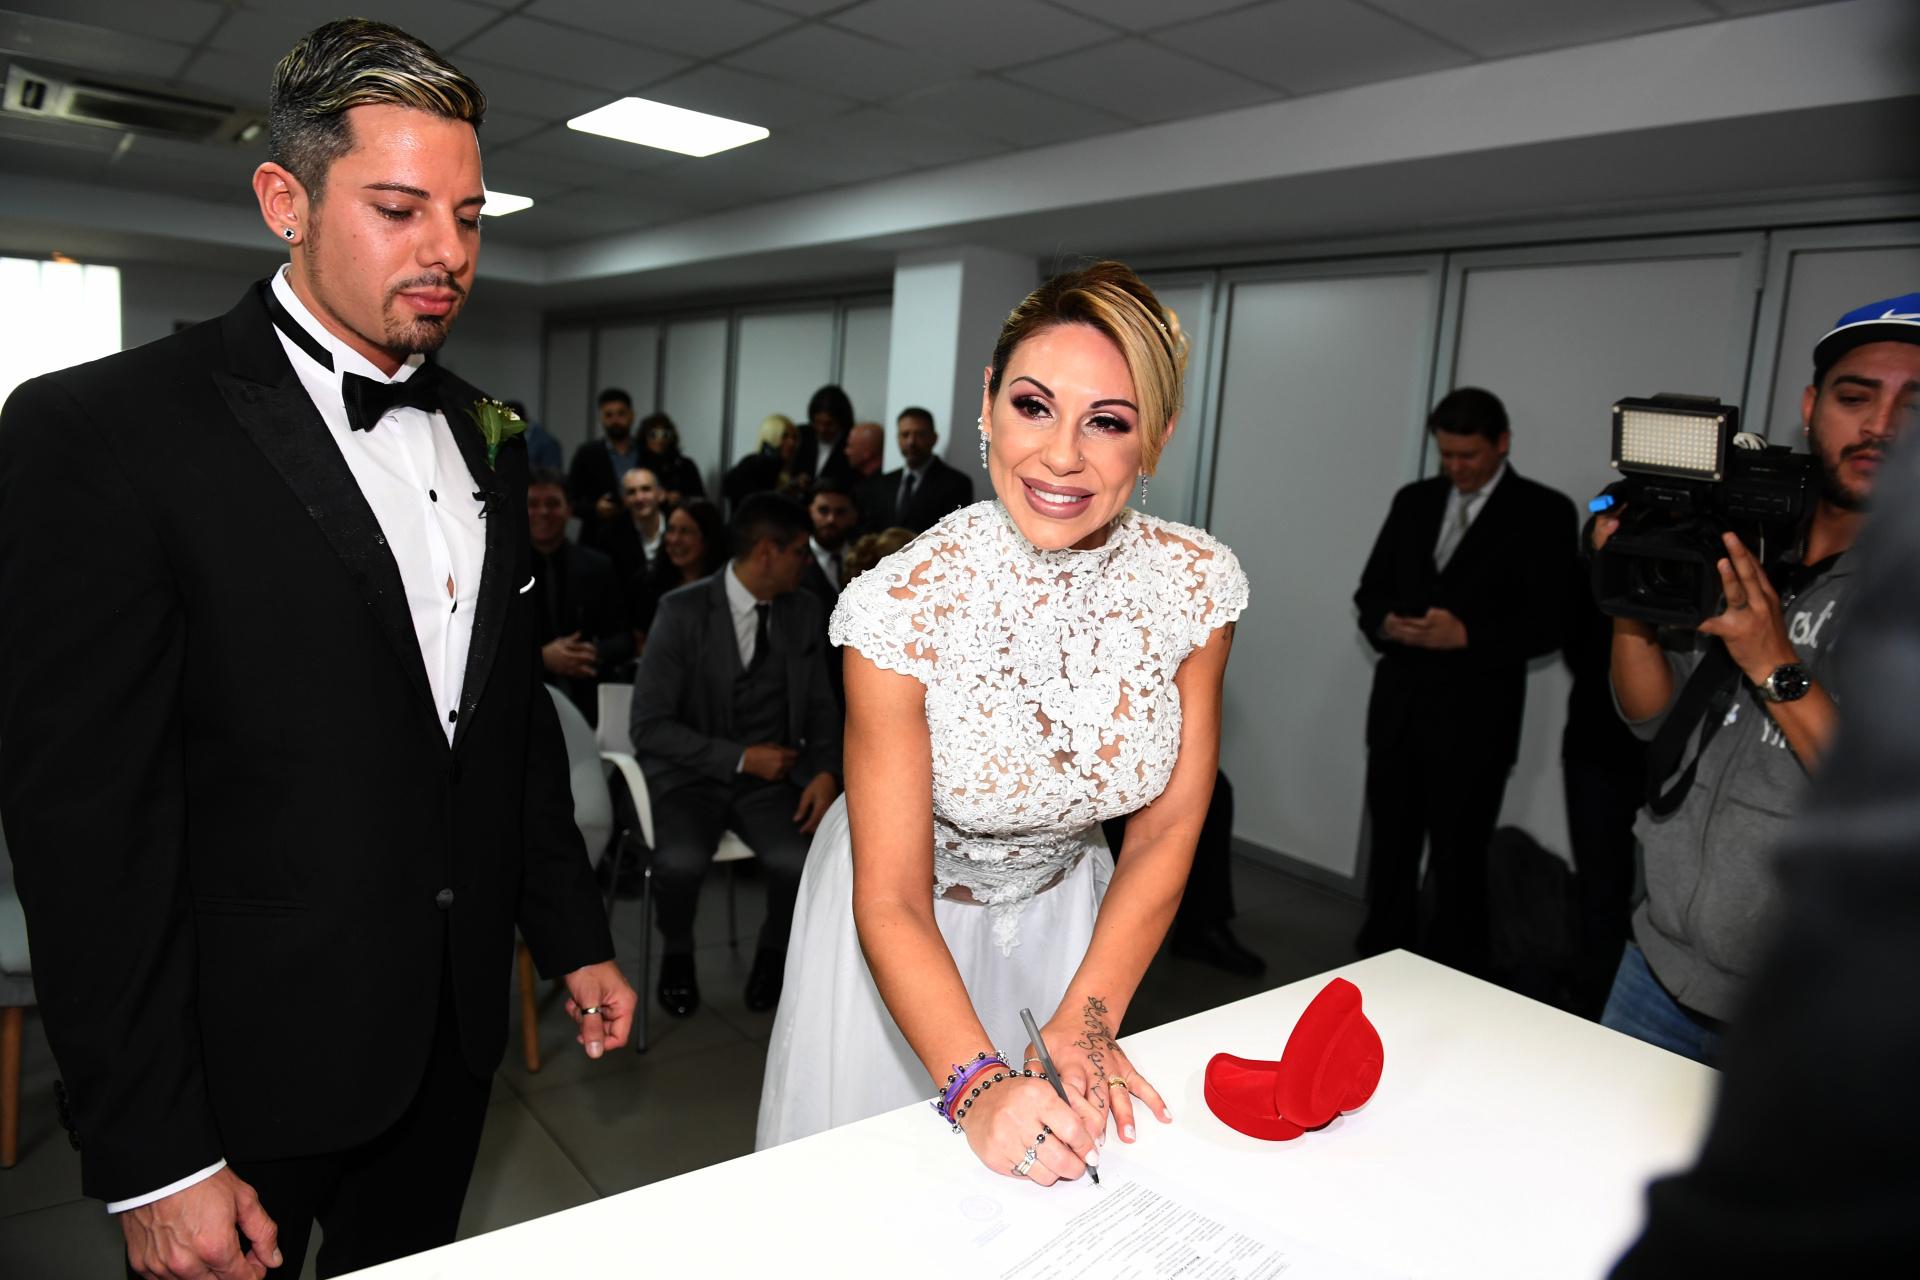 Farro firmó por segunda vez el acta de la unión civil. Su primer matrimonio fue con el exfutbolista uruguayo, Enrique Ferraro